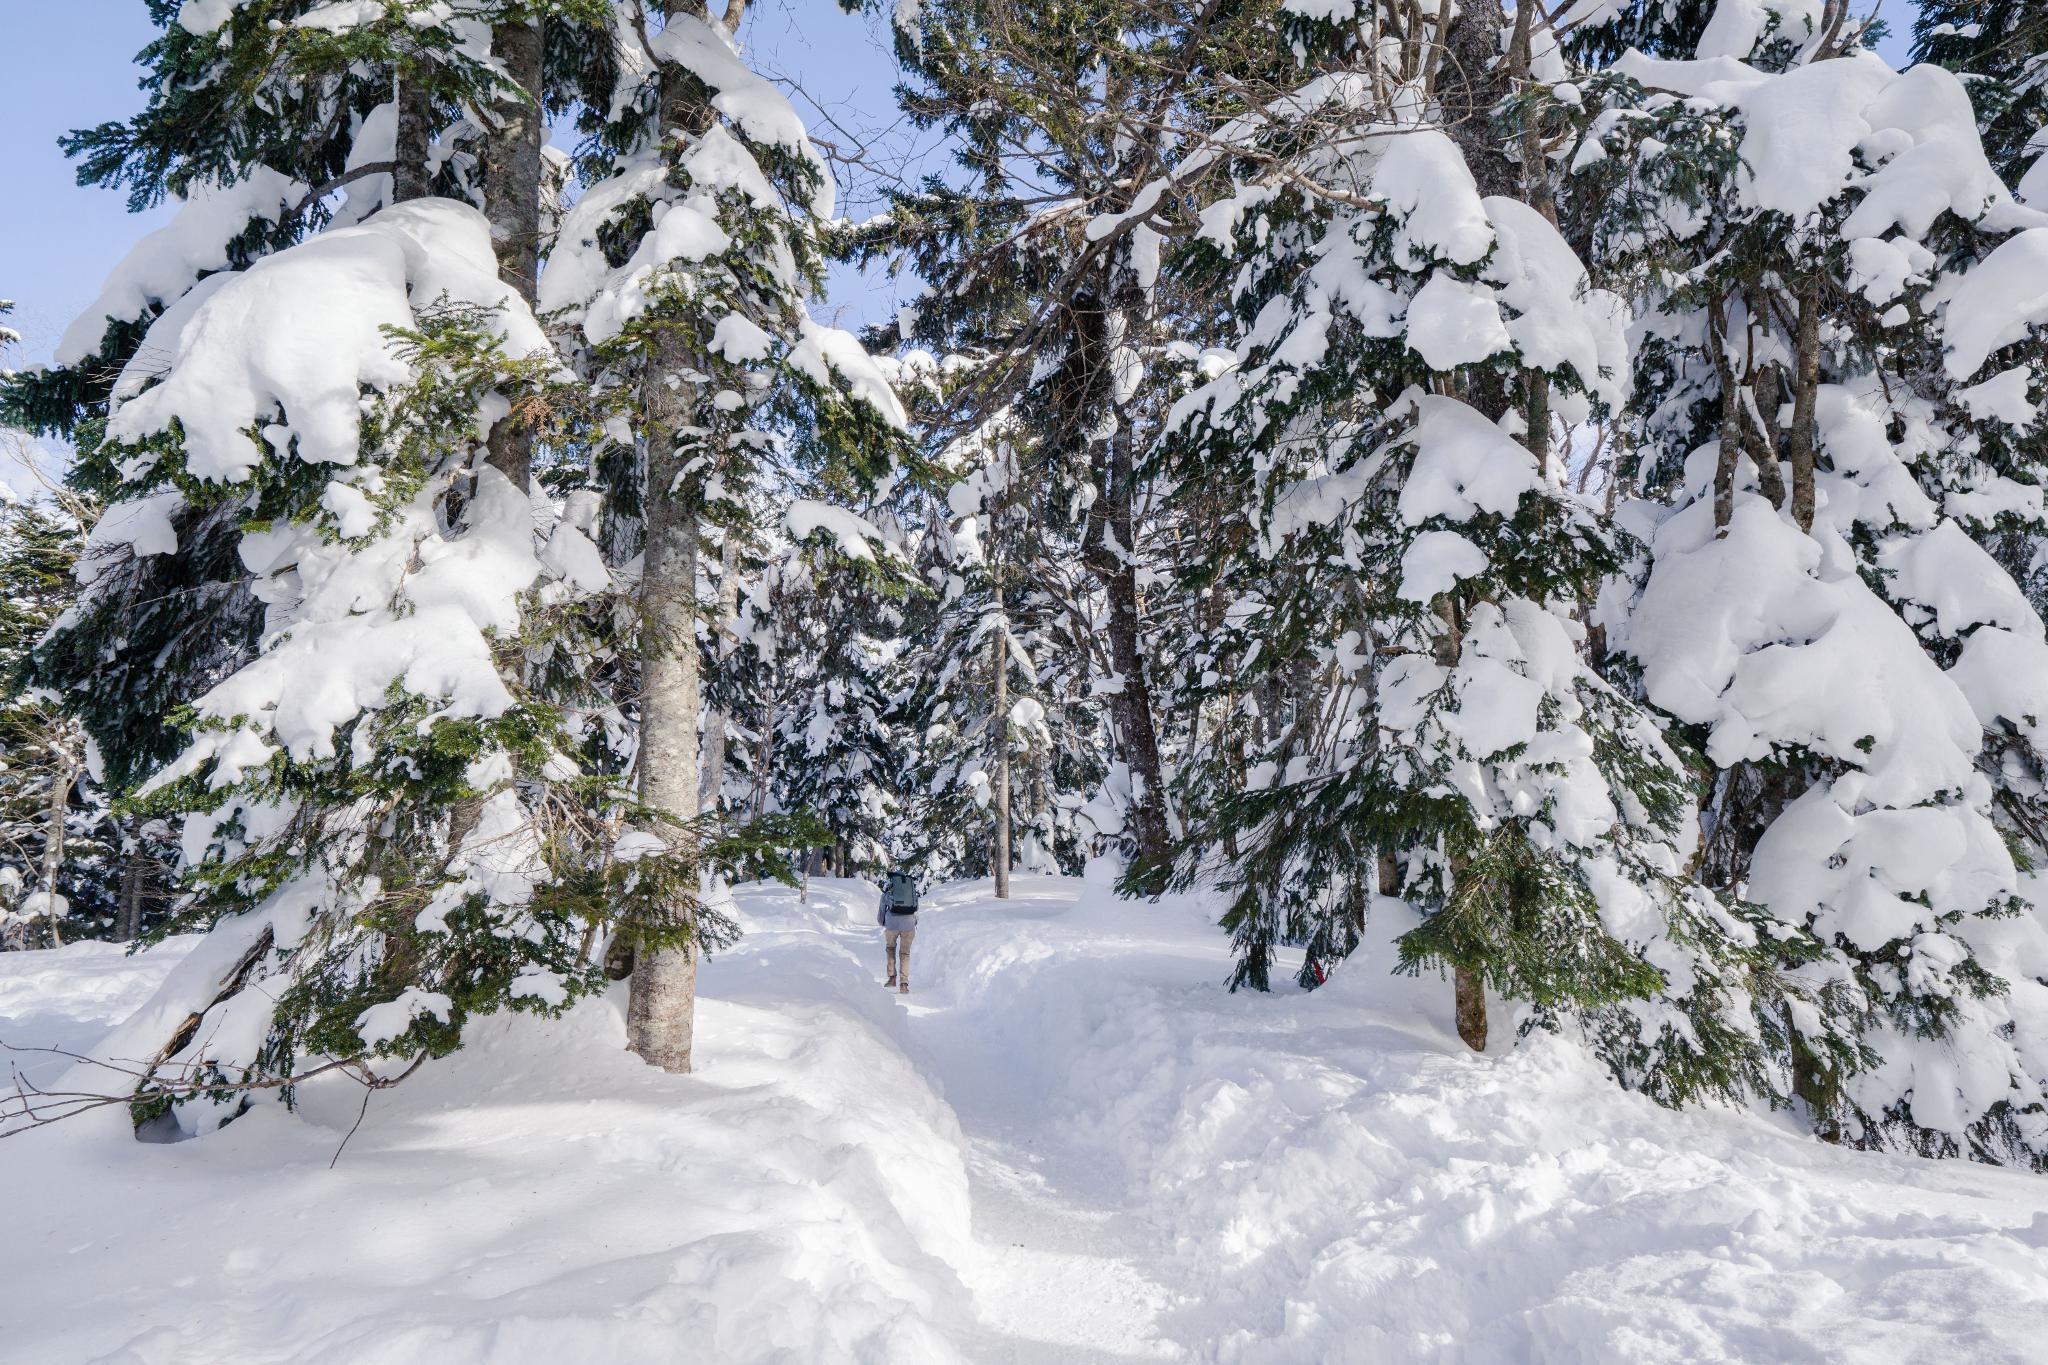 【岐阜】超級推薦!奧飛驒溫泉鄉的冬季戀歌 ~ 新穗高纜車雪景攻略 106